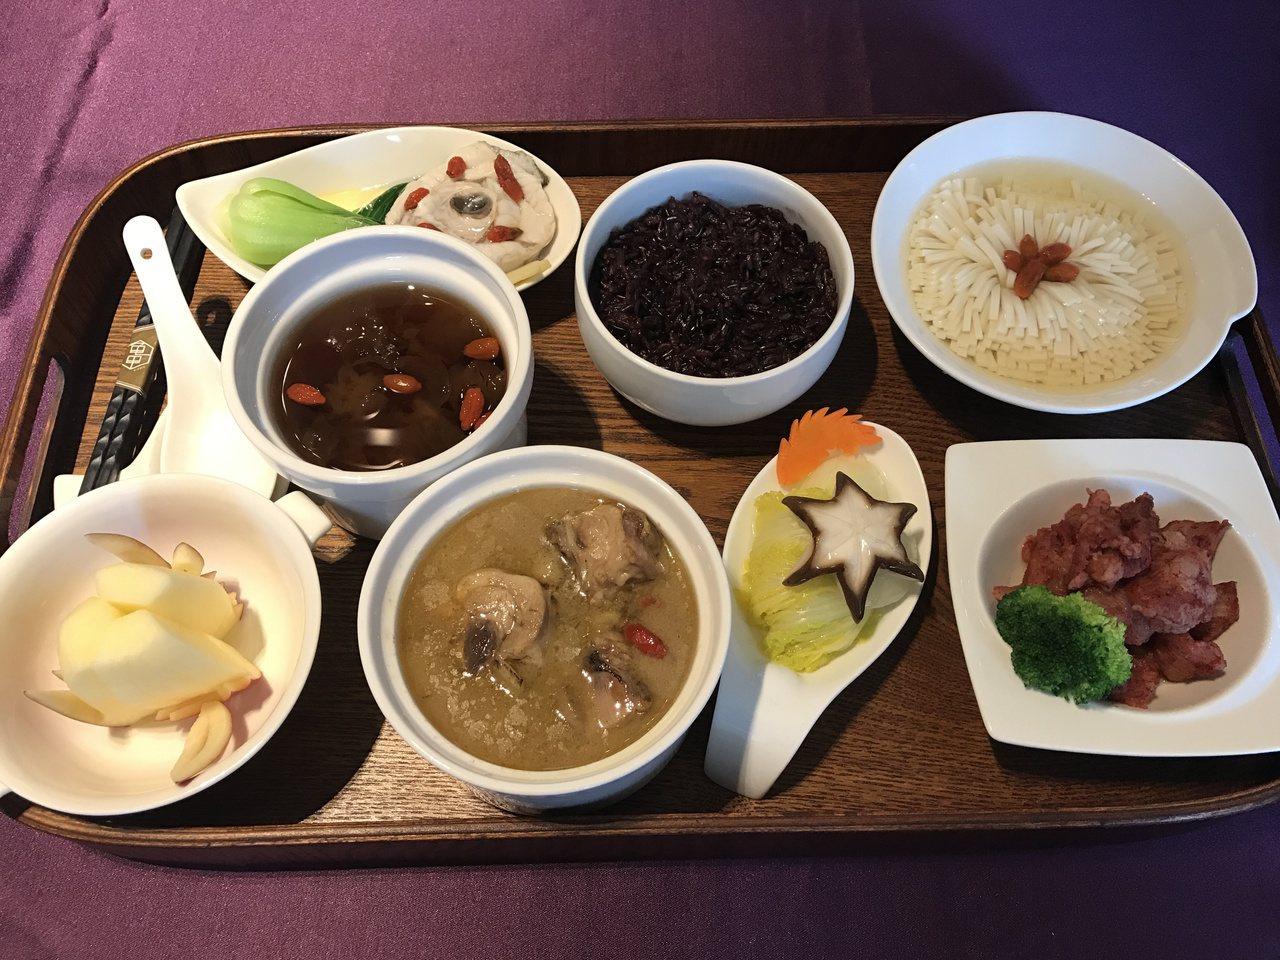 產後護理之家邀請阿基師料理月子餐。記者陳妍霖/攝影